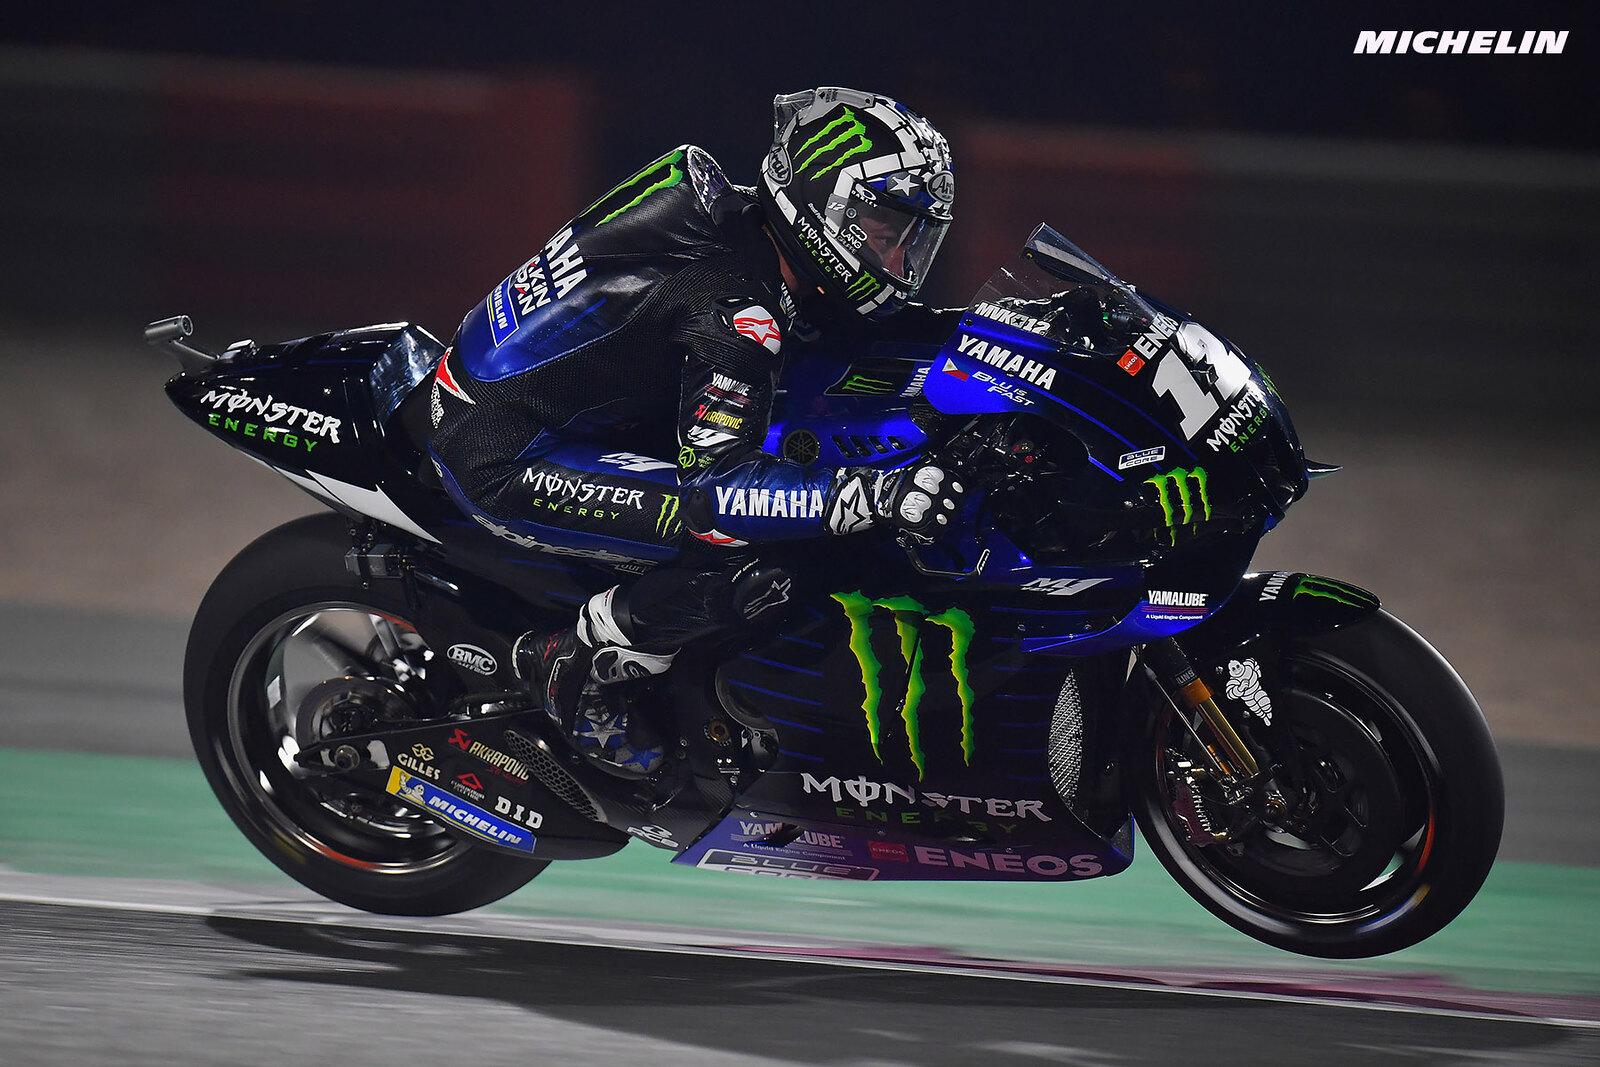 ドーハGP 予選3位マーべリック・ビニャーレス「レースは最後の10周で決まる」